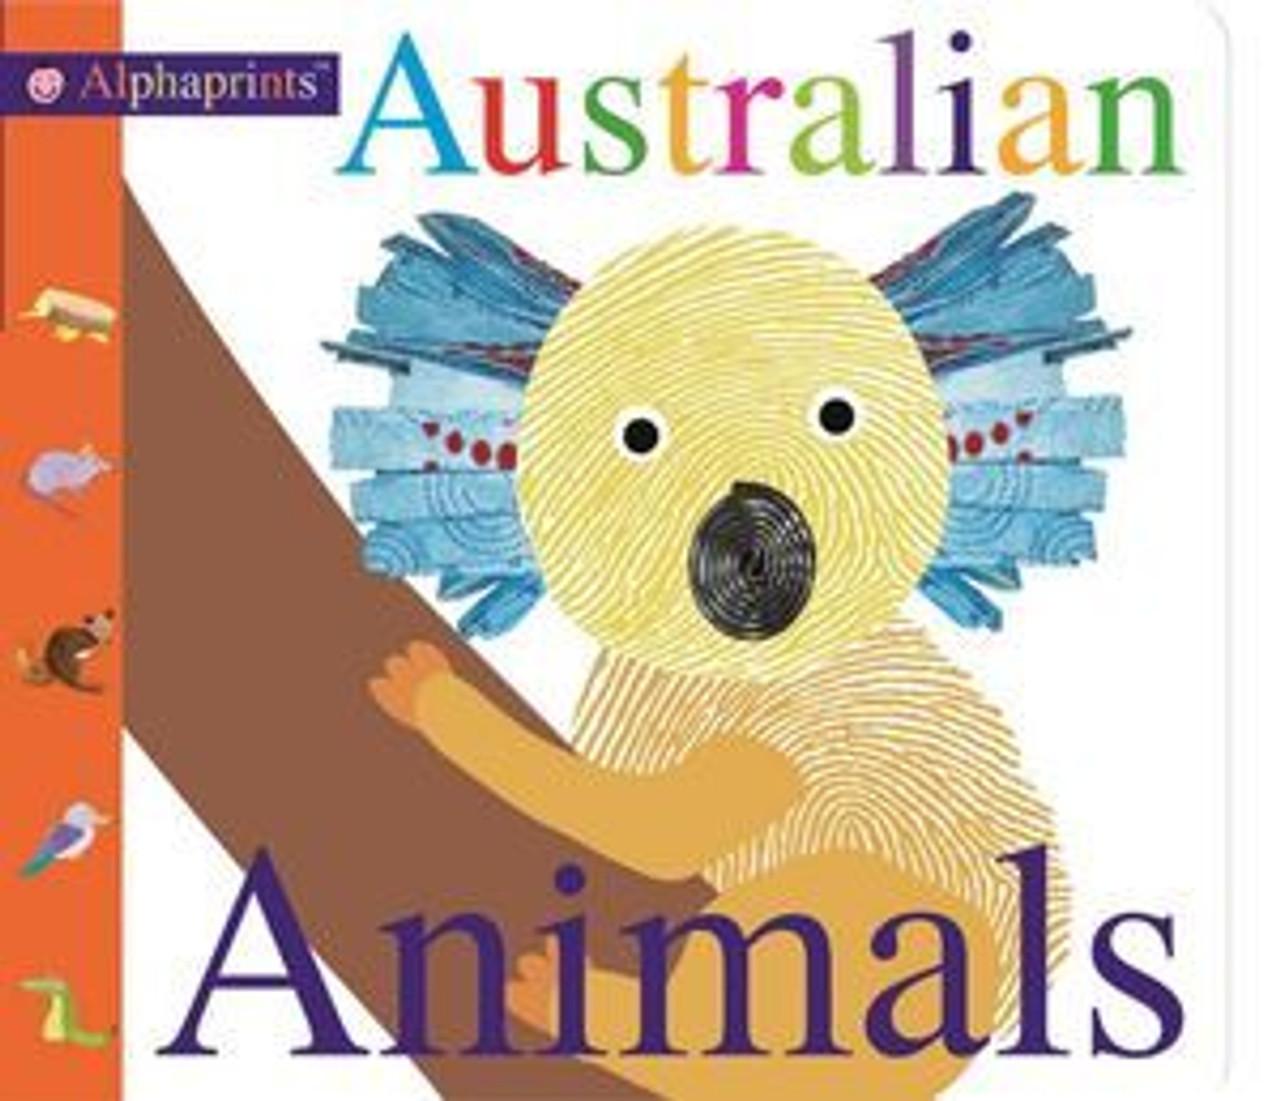 Picture Books - Small Children